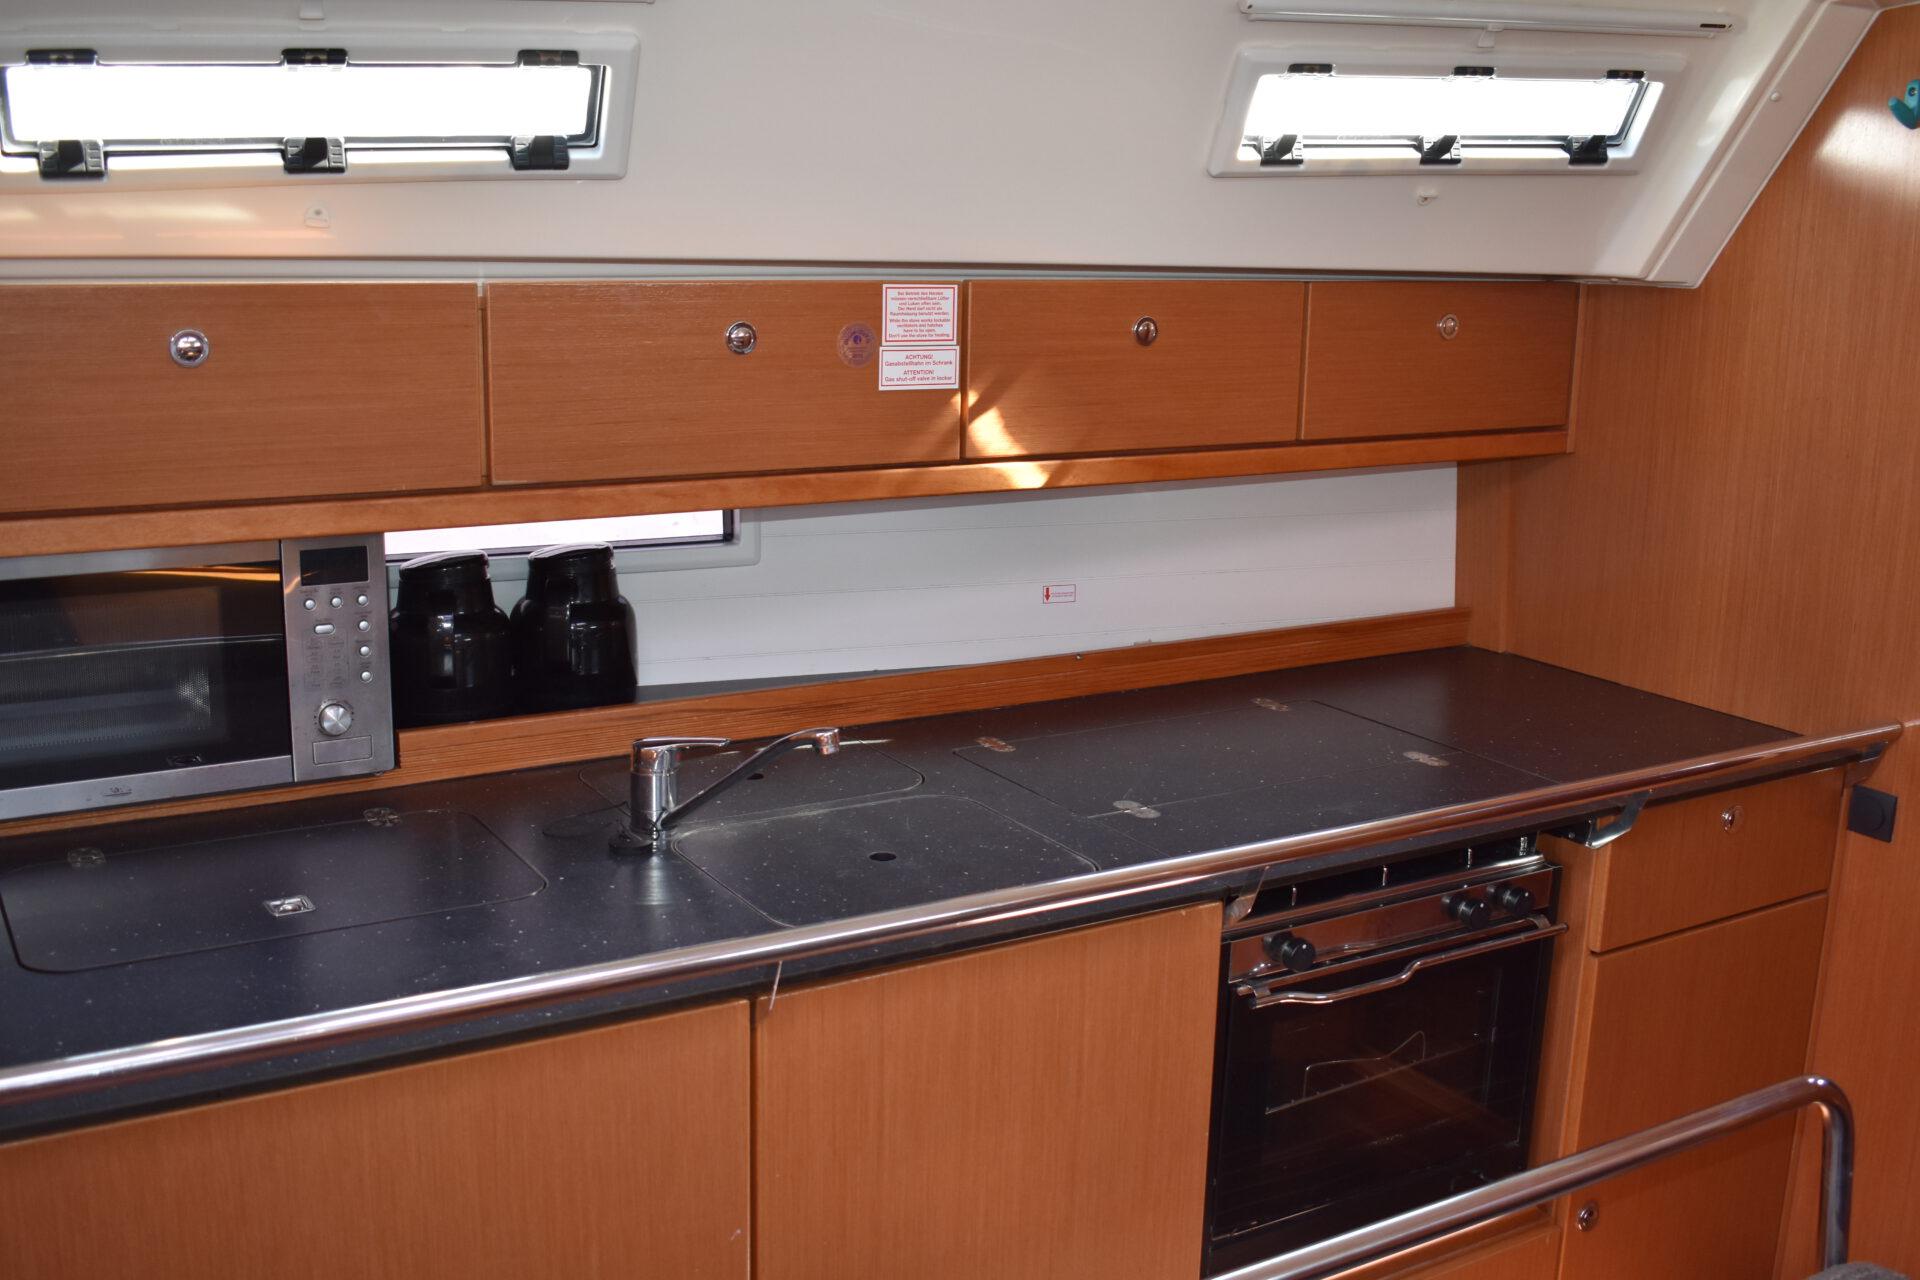 bavaria 40 kitchen